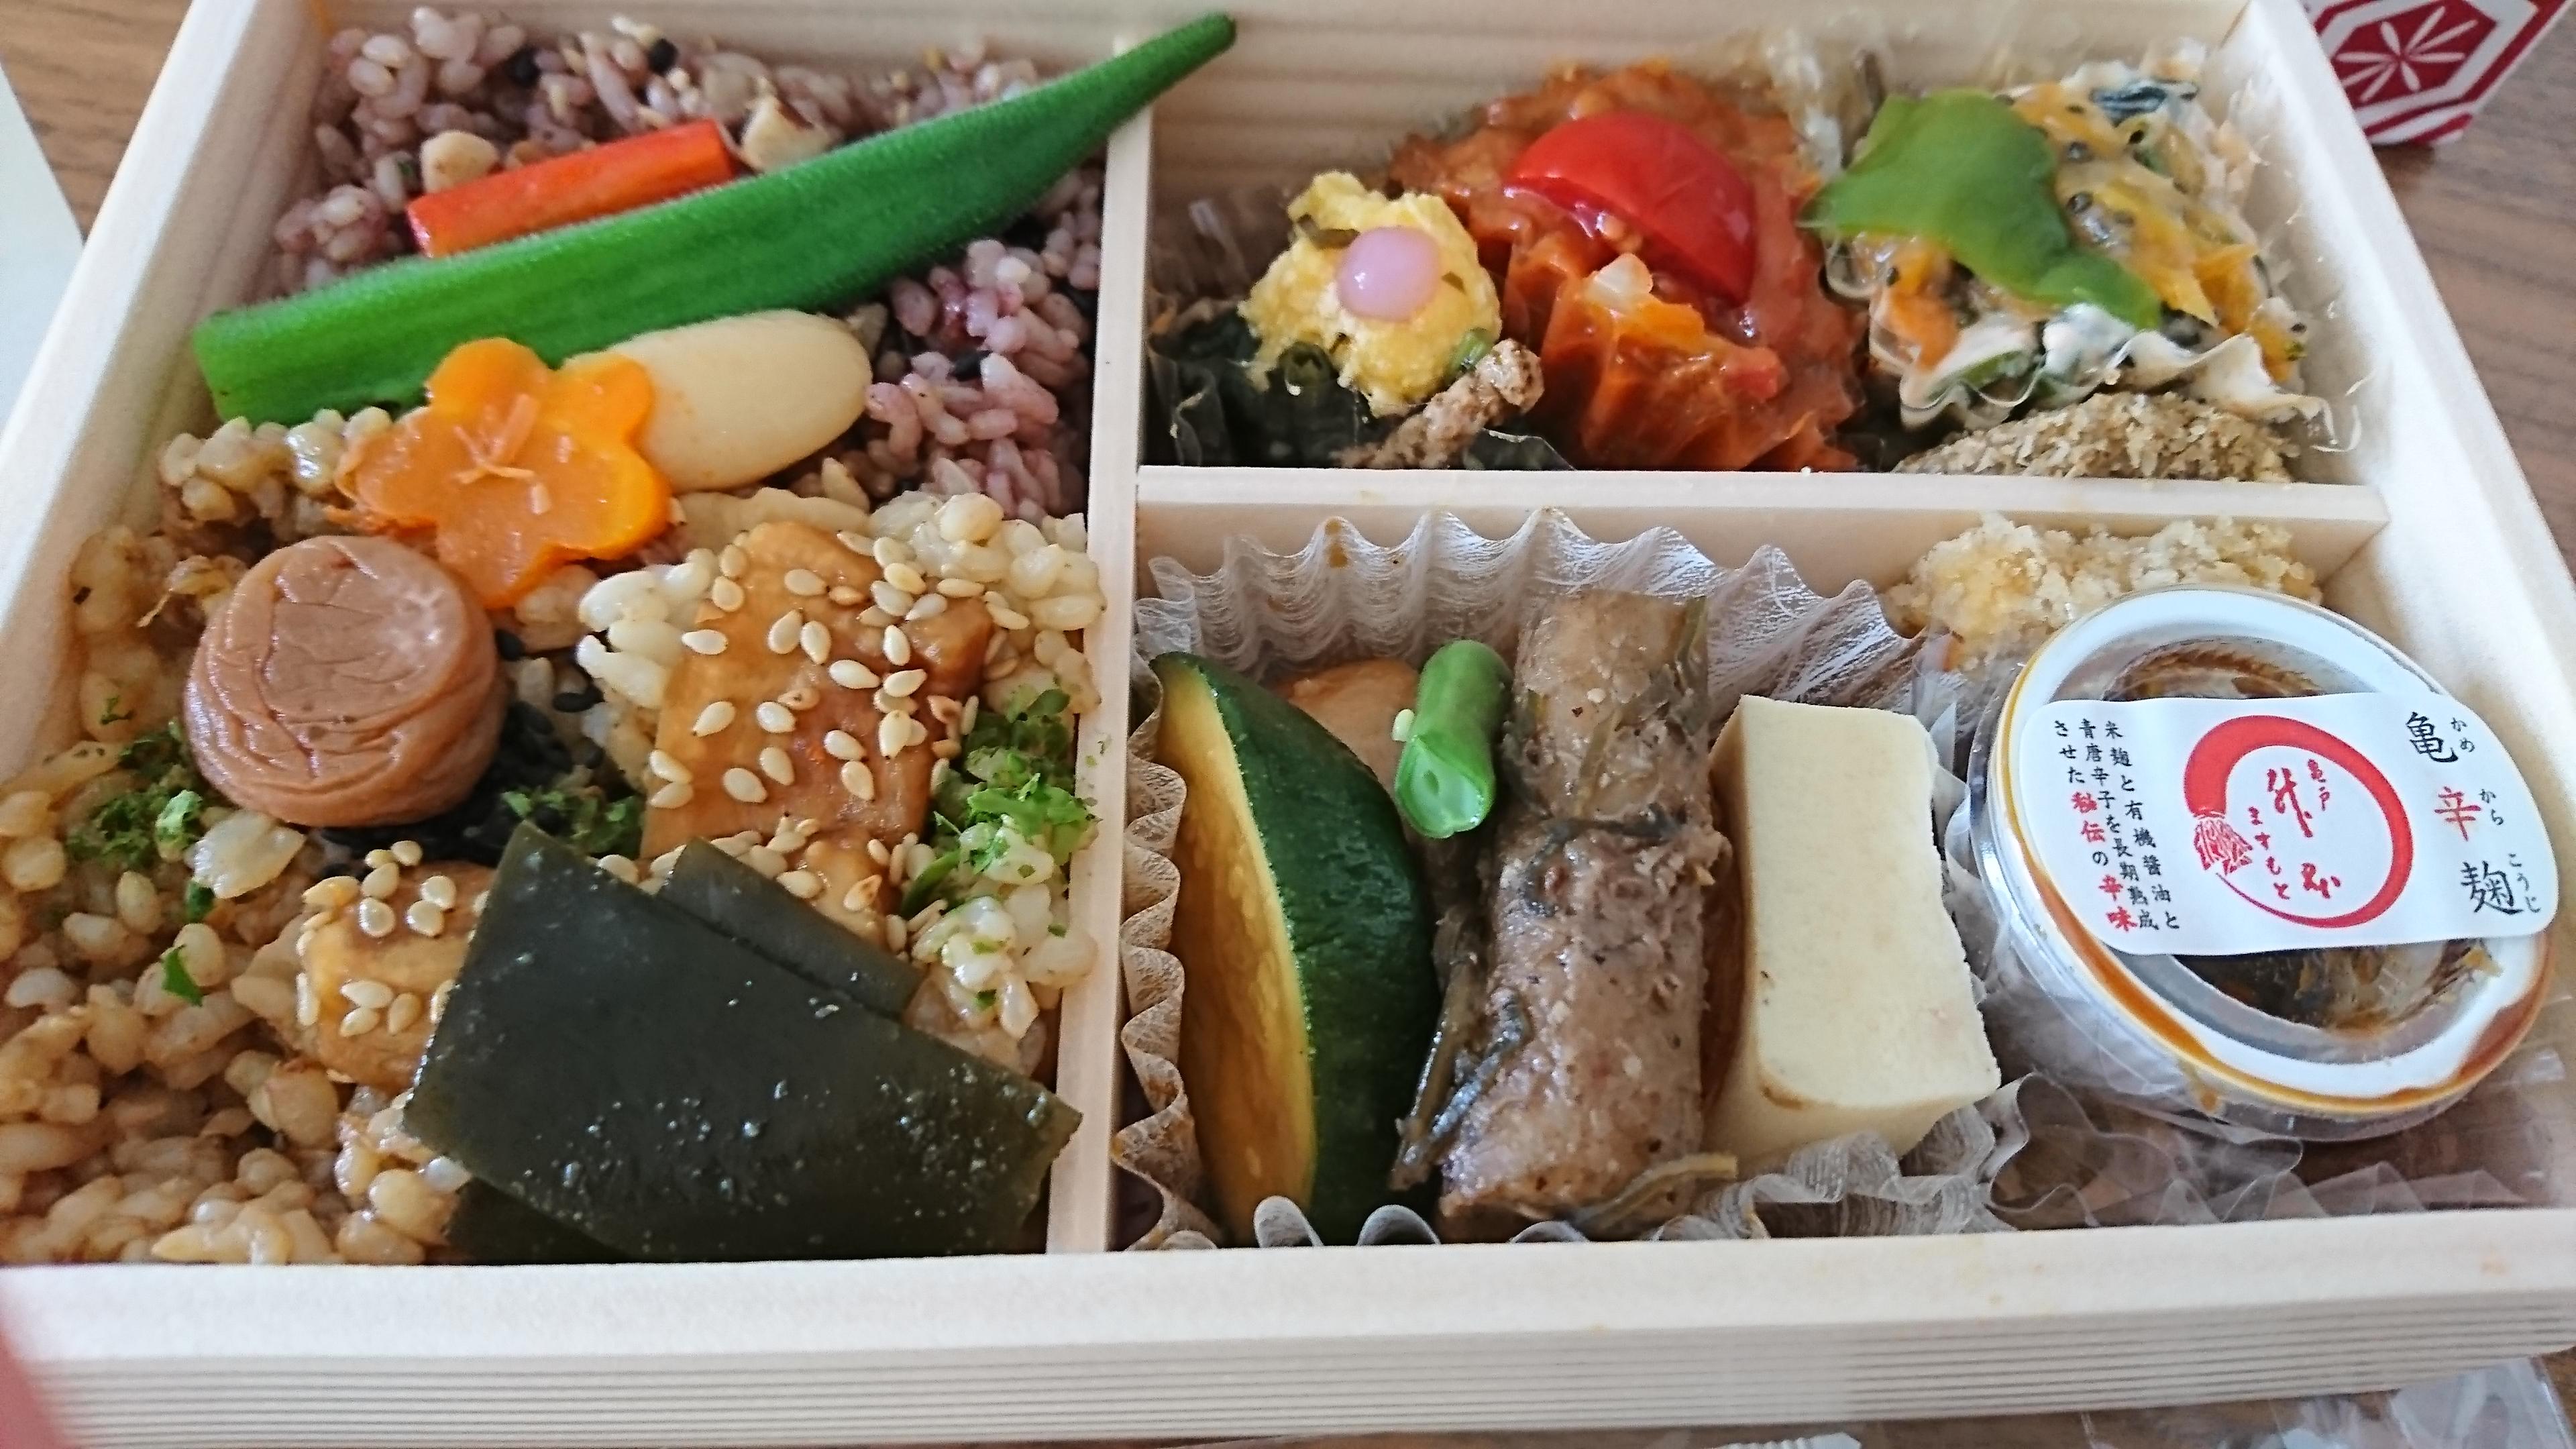 野菜が美味しい!!亀戸 升本 マクロビ弁当を食べた感想は?